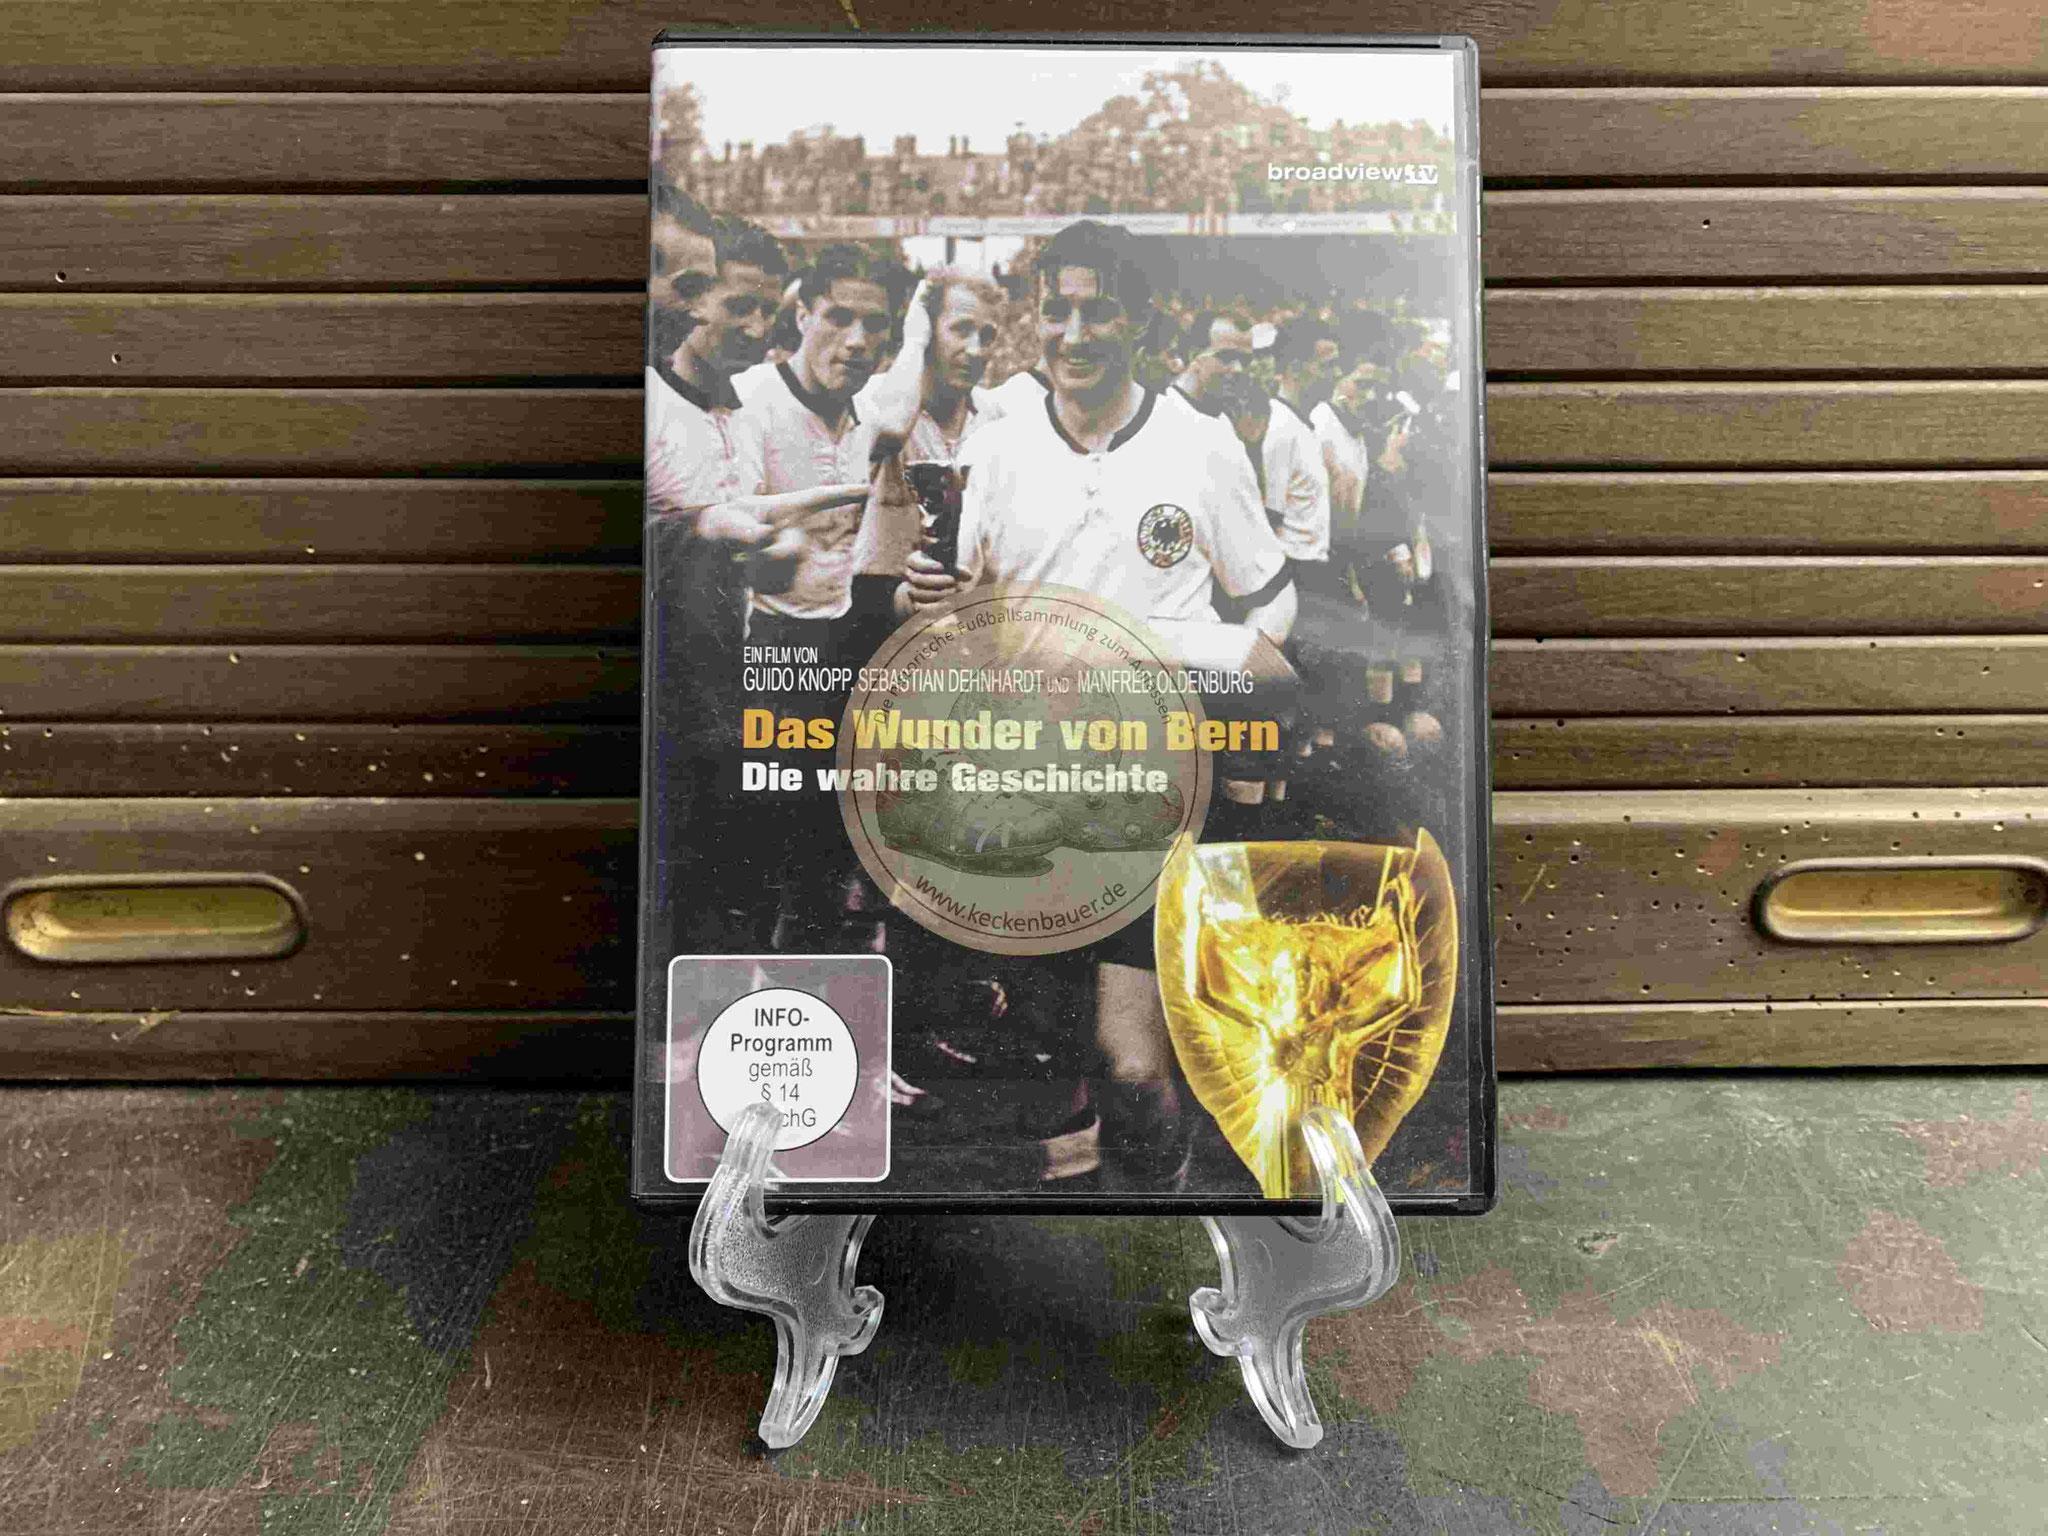 20040428 Das Wunder von Bern Die wahre Geschichte